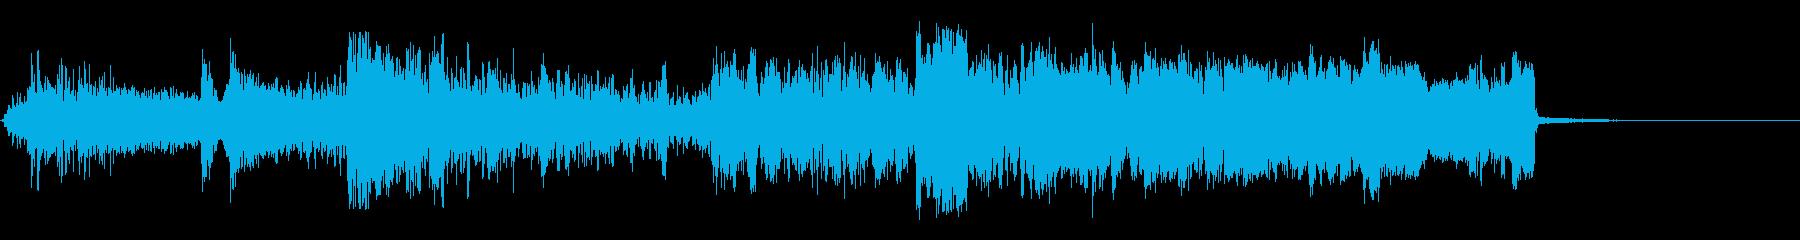 並置の再生済みの波形